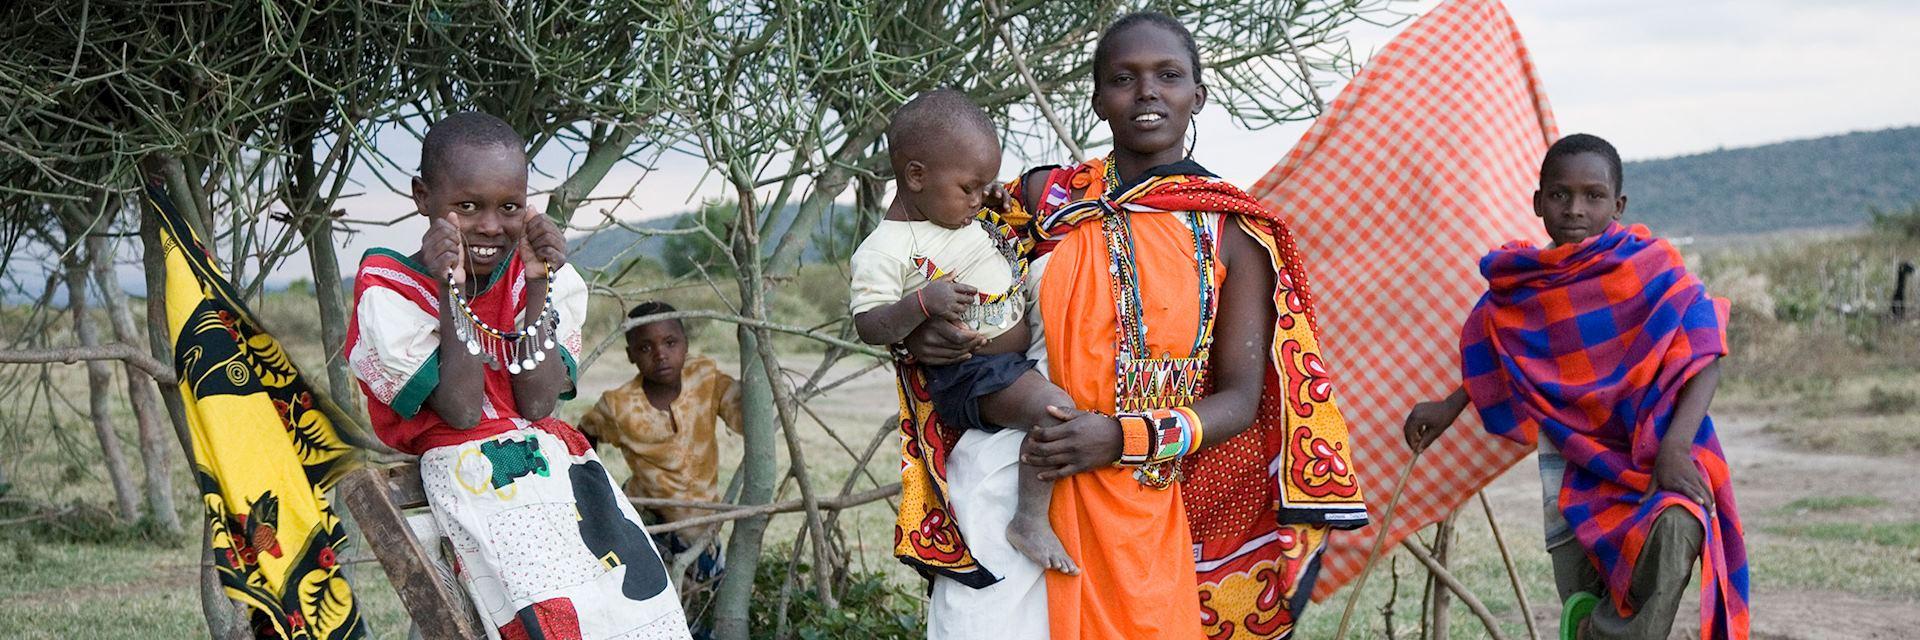 Locals of Bogani, Kenya